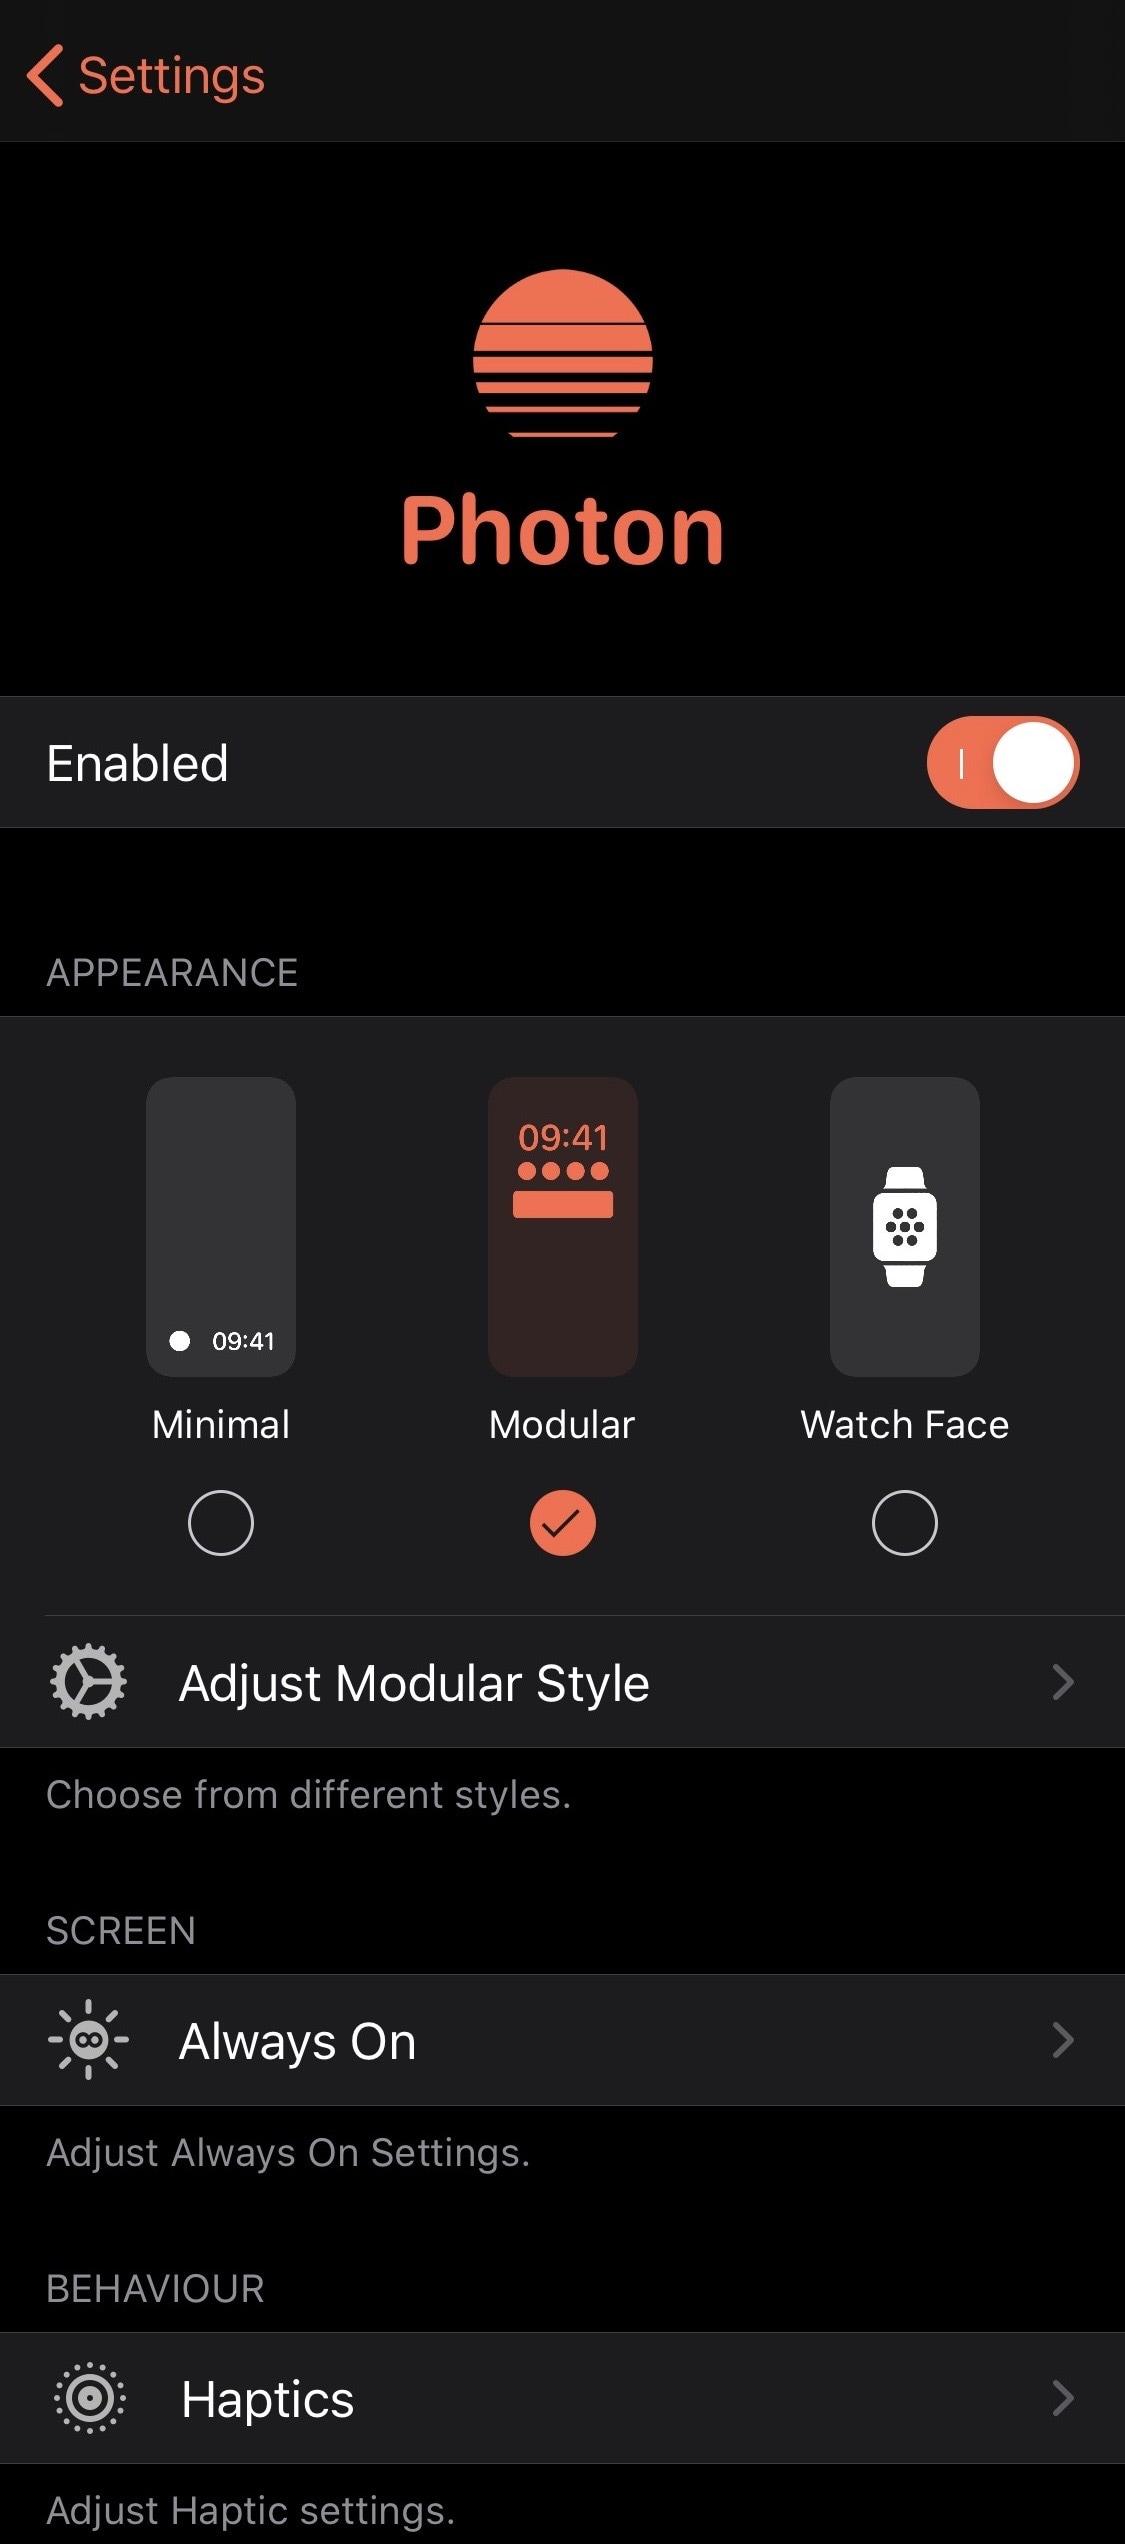 Photon cung cấp màn hình xung quanh cho các thiết bị iOS 13 đã jailbreak 3